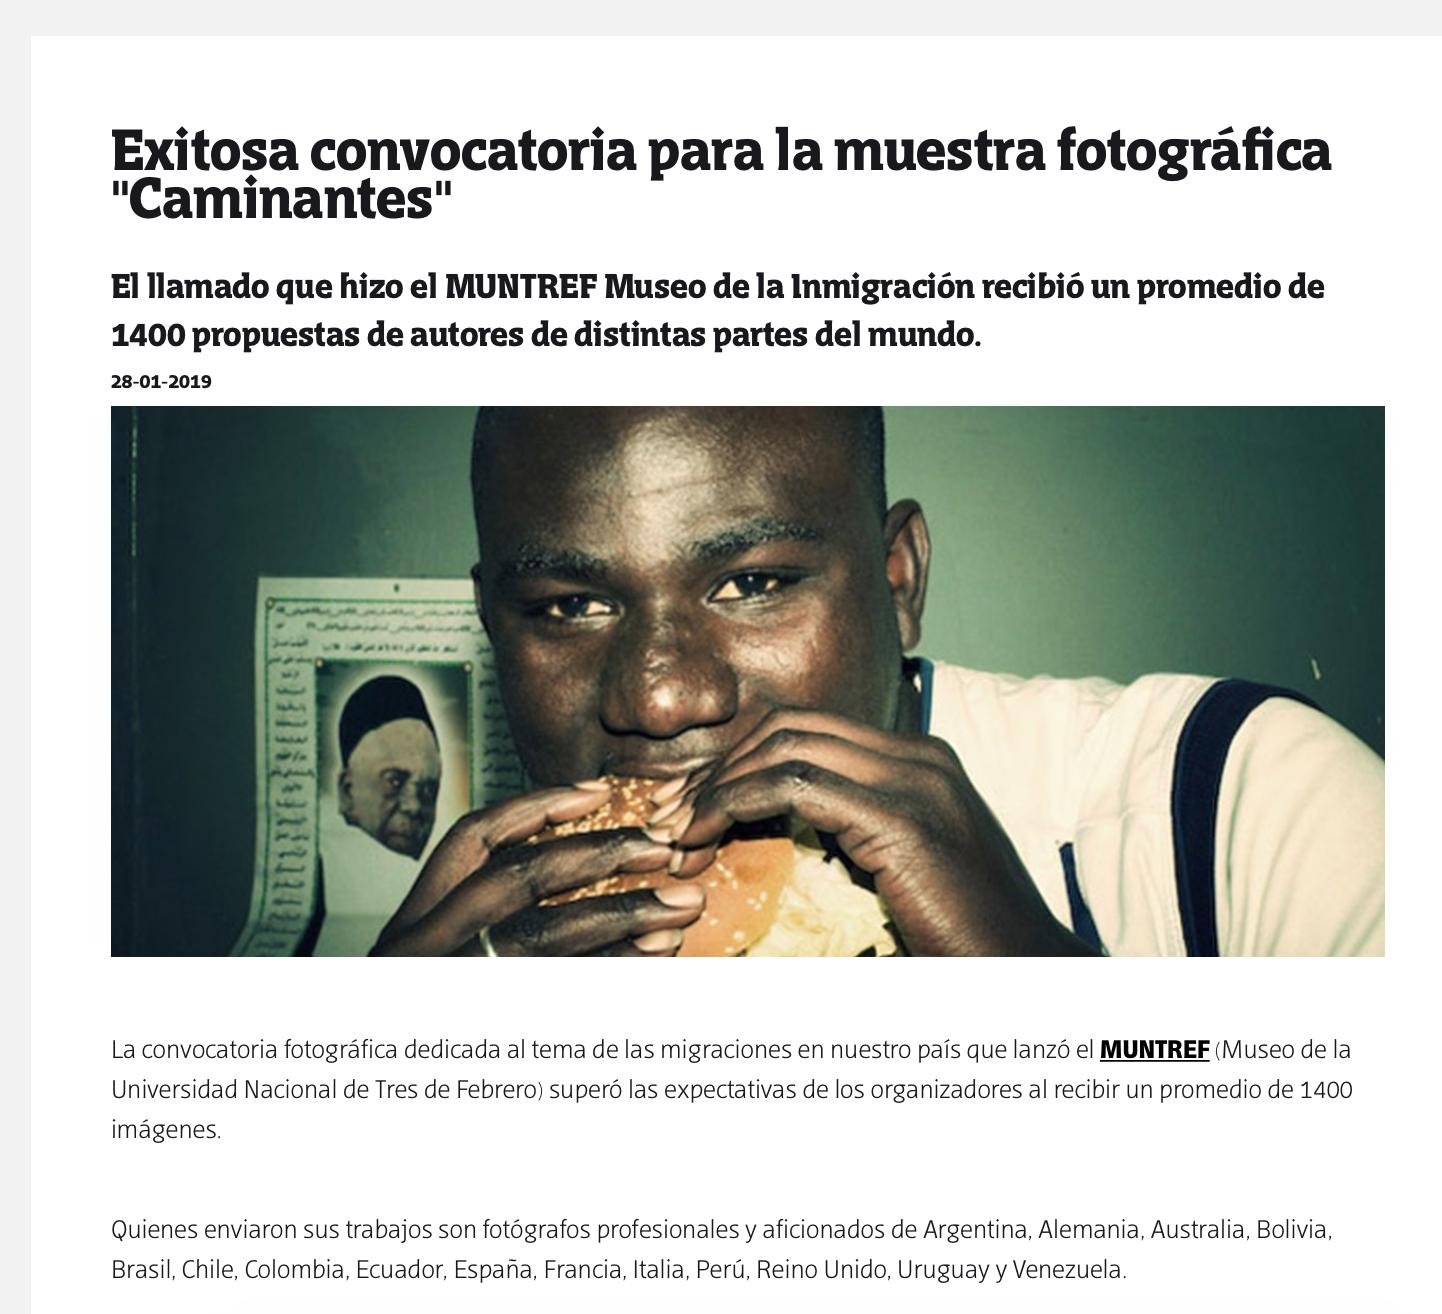 Caminantes - Muntref 2019